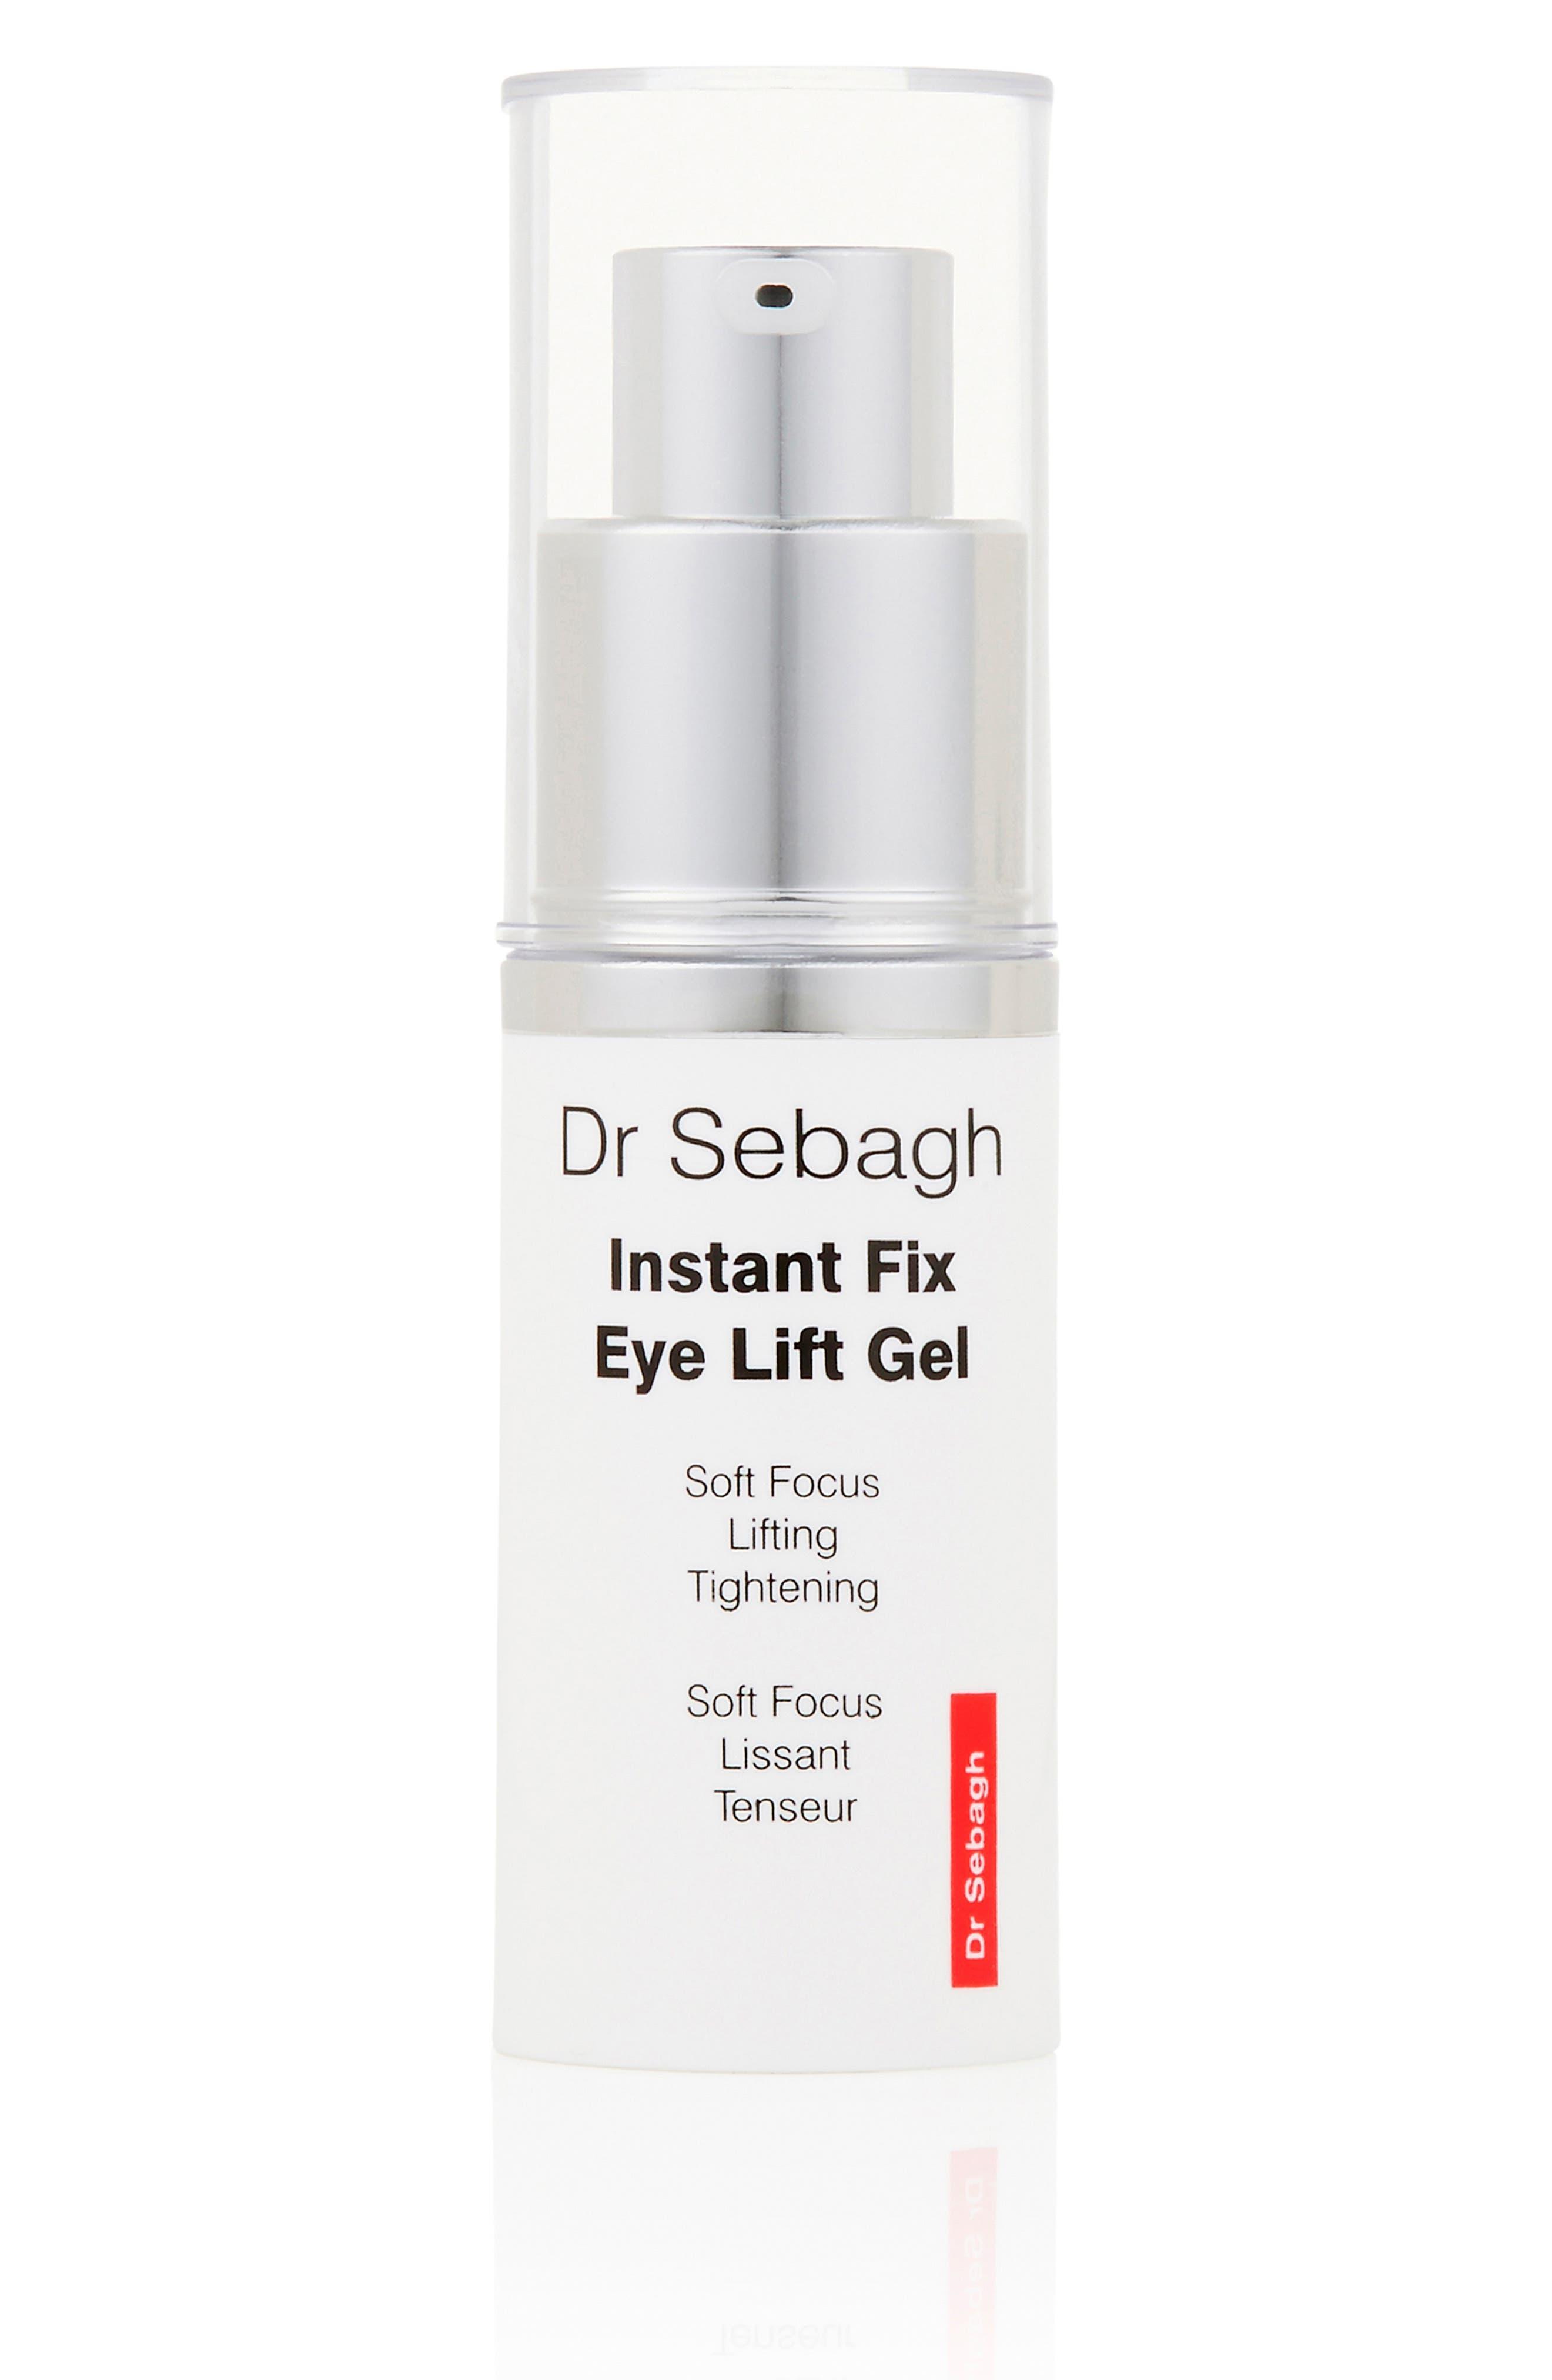 Instant Fix Eye Lift Gel